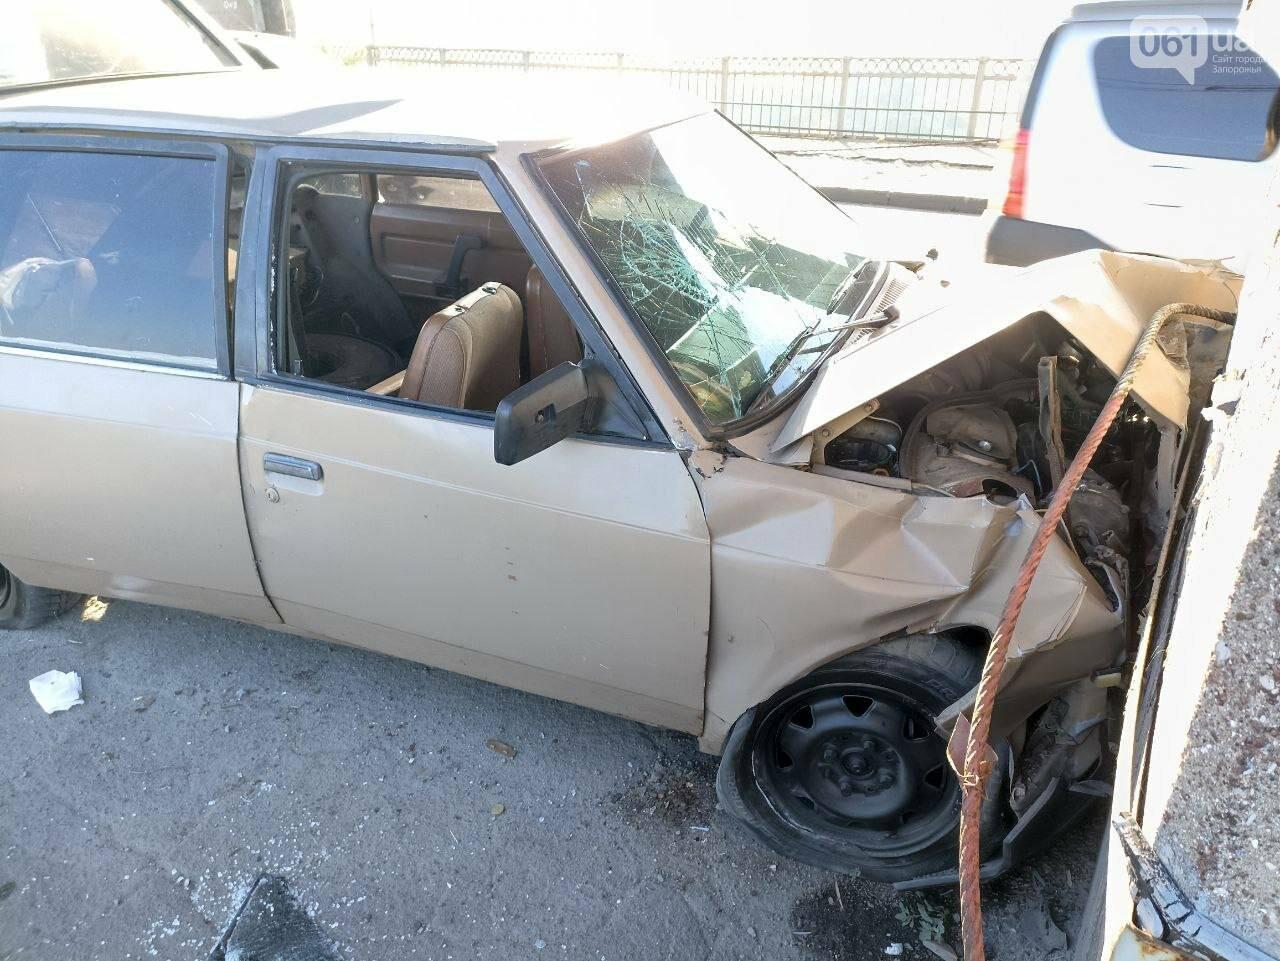 photo5318785417039951008 6139bfccc0b0a - В Запорожье автомобиль врезался в опору моста Преображенского